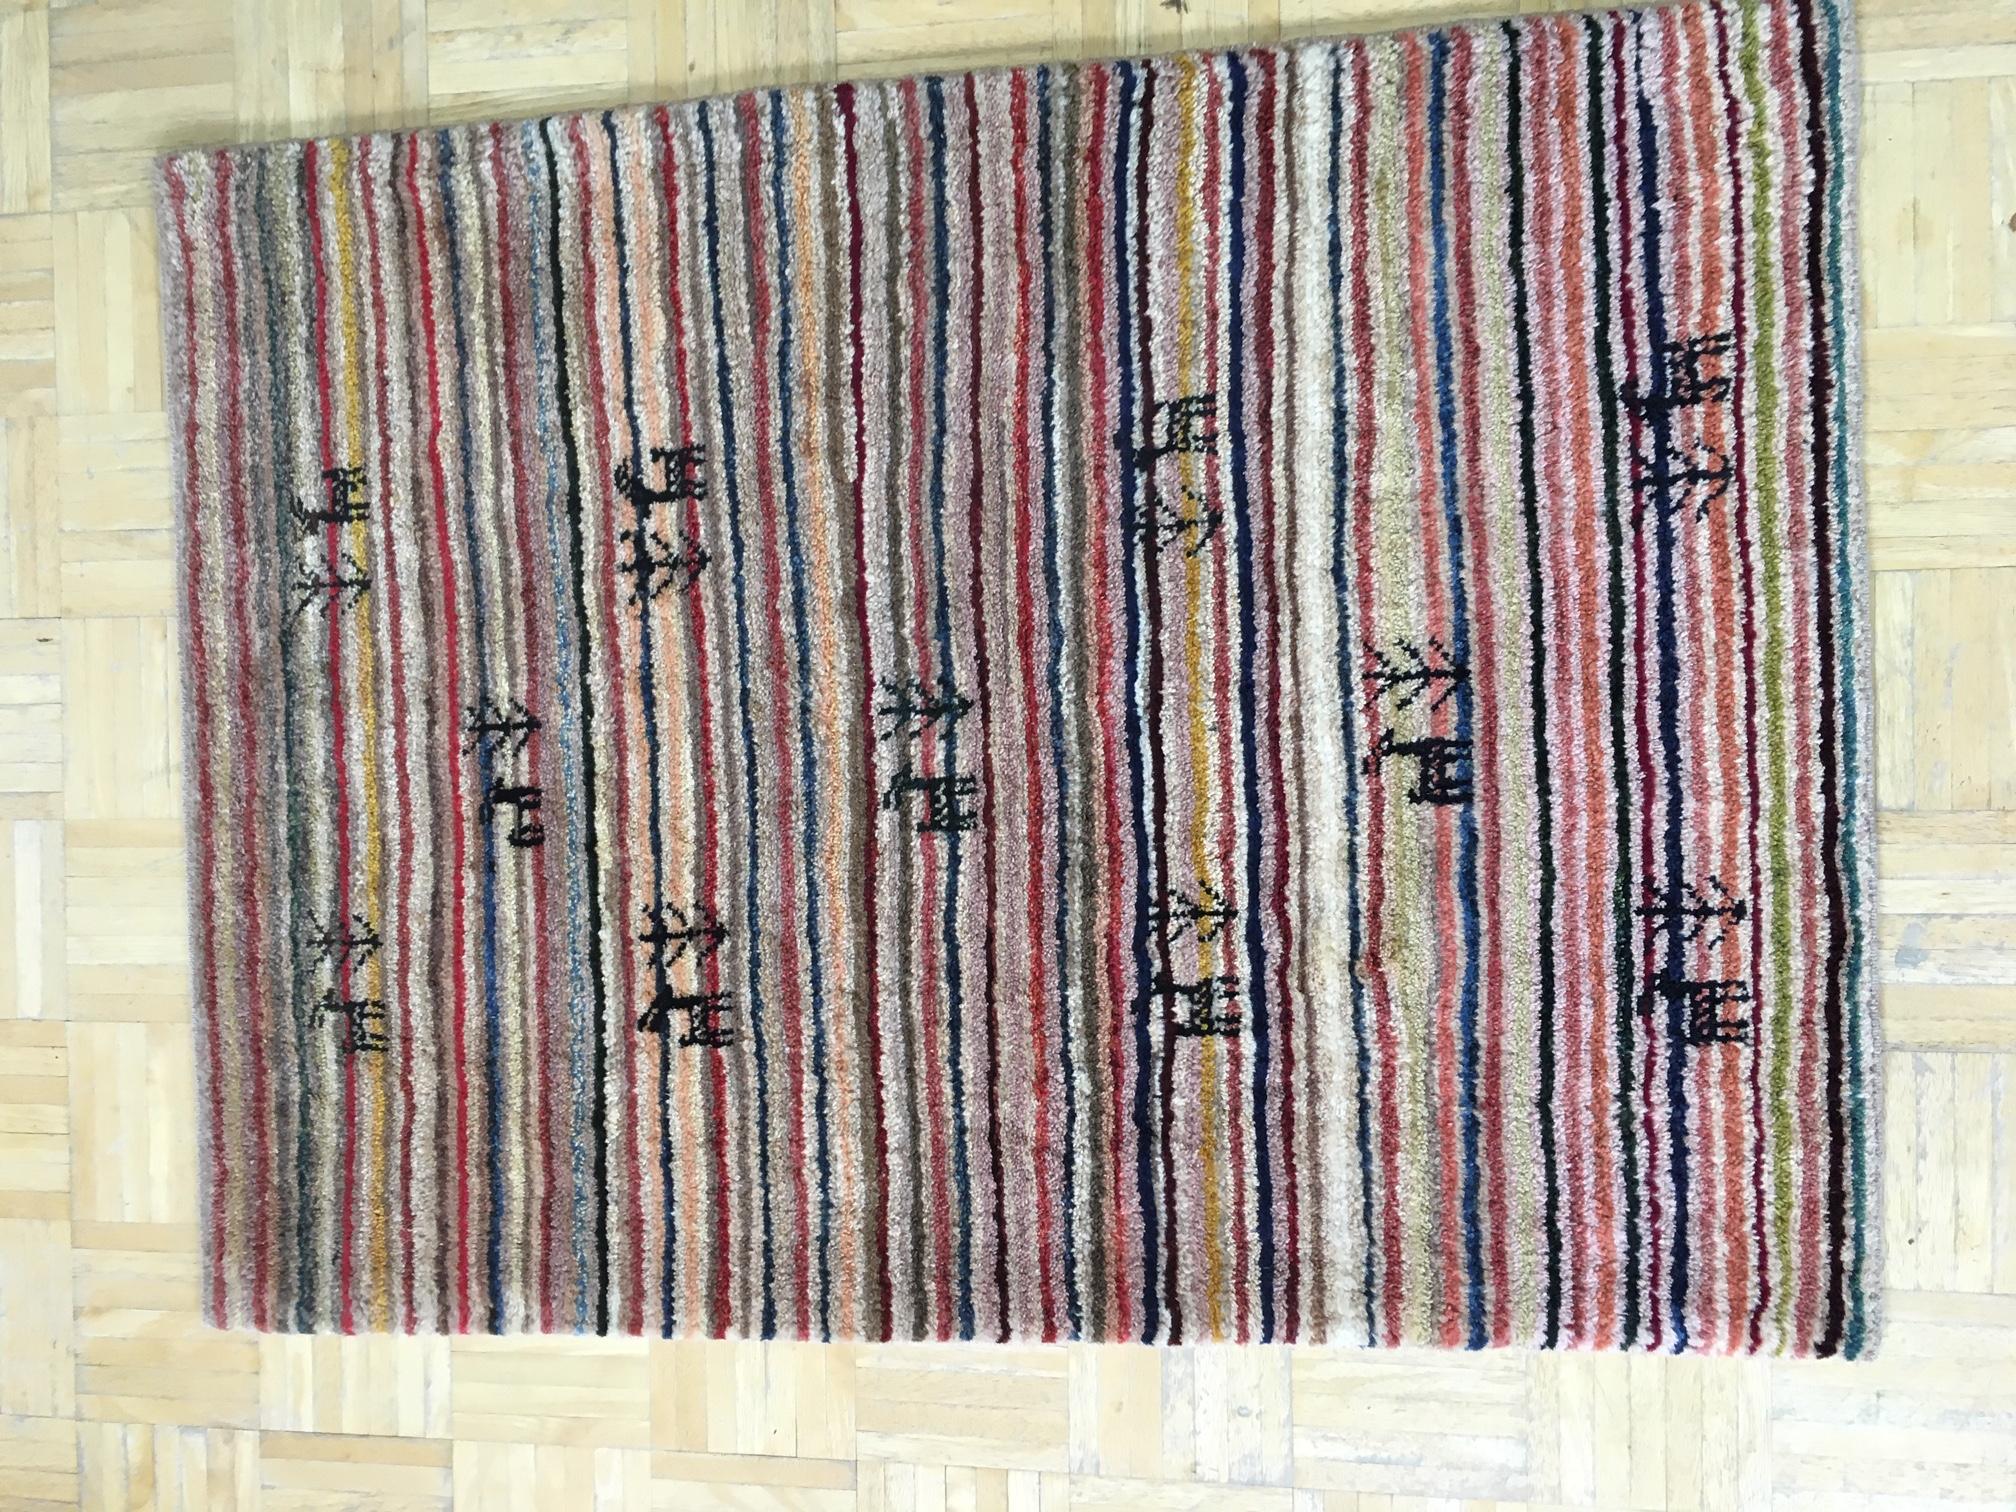 S121 - 2.10 x 3.1 - Gabbe - Wool - Iran.